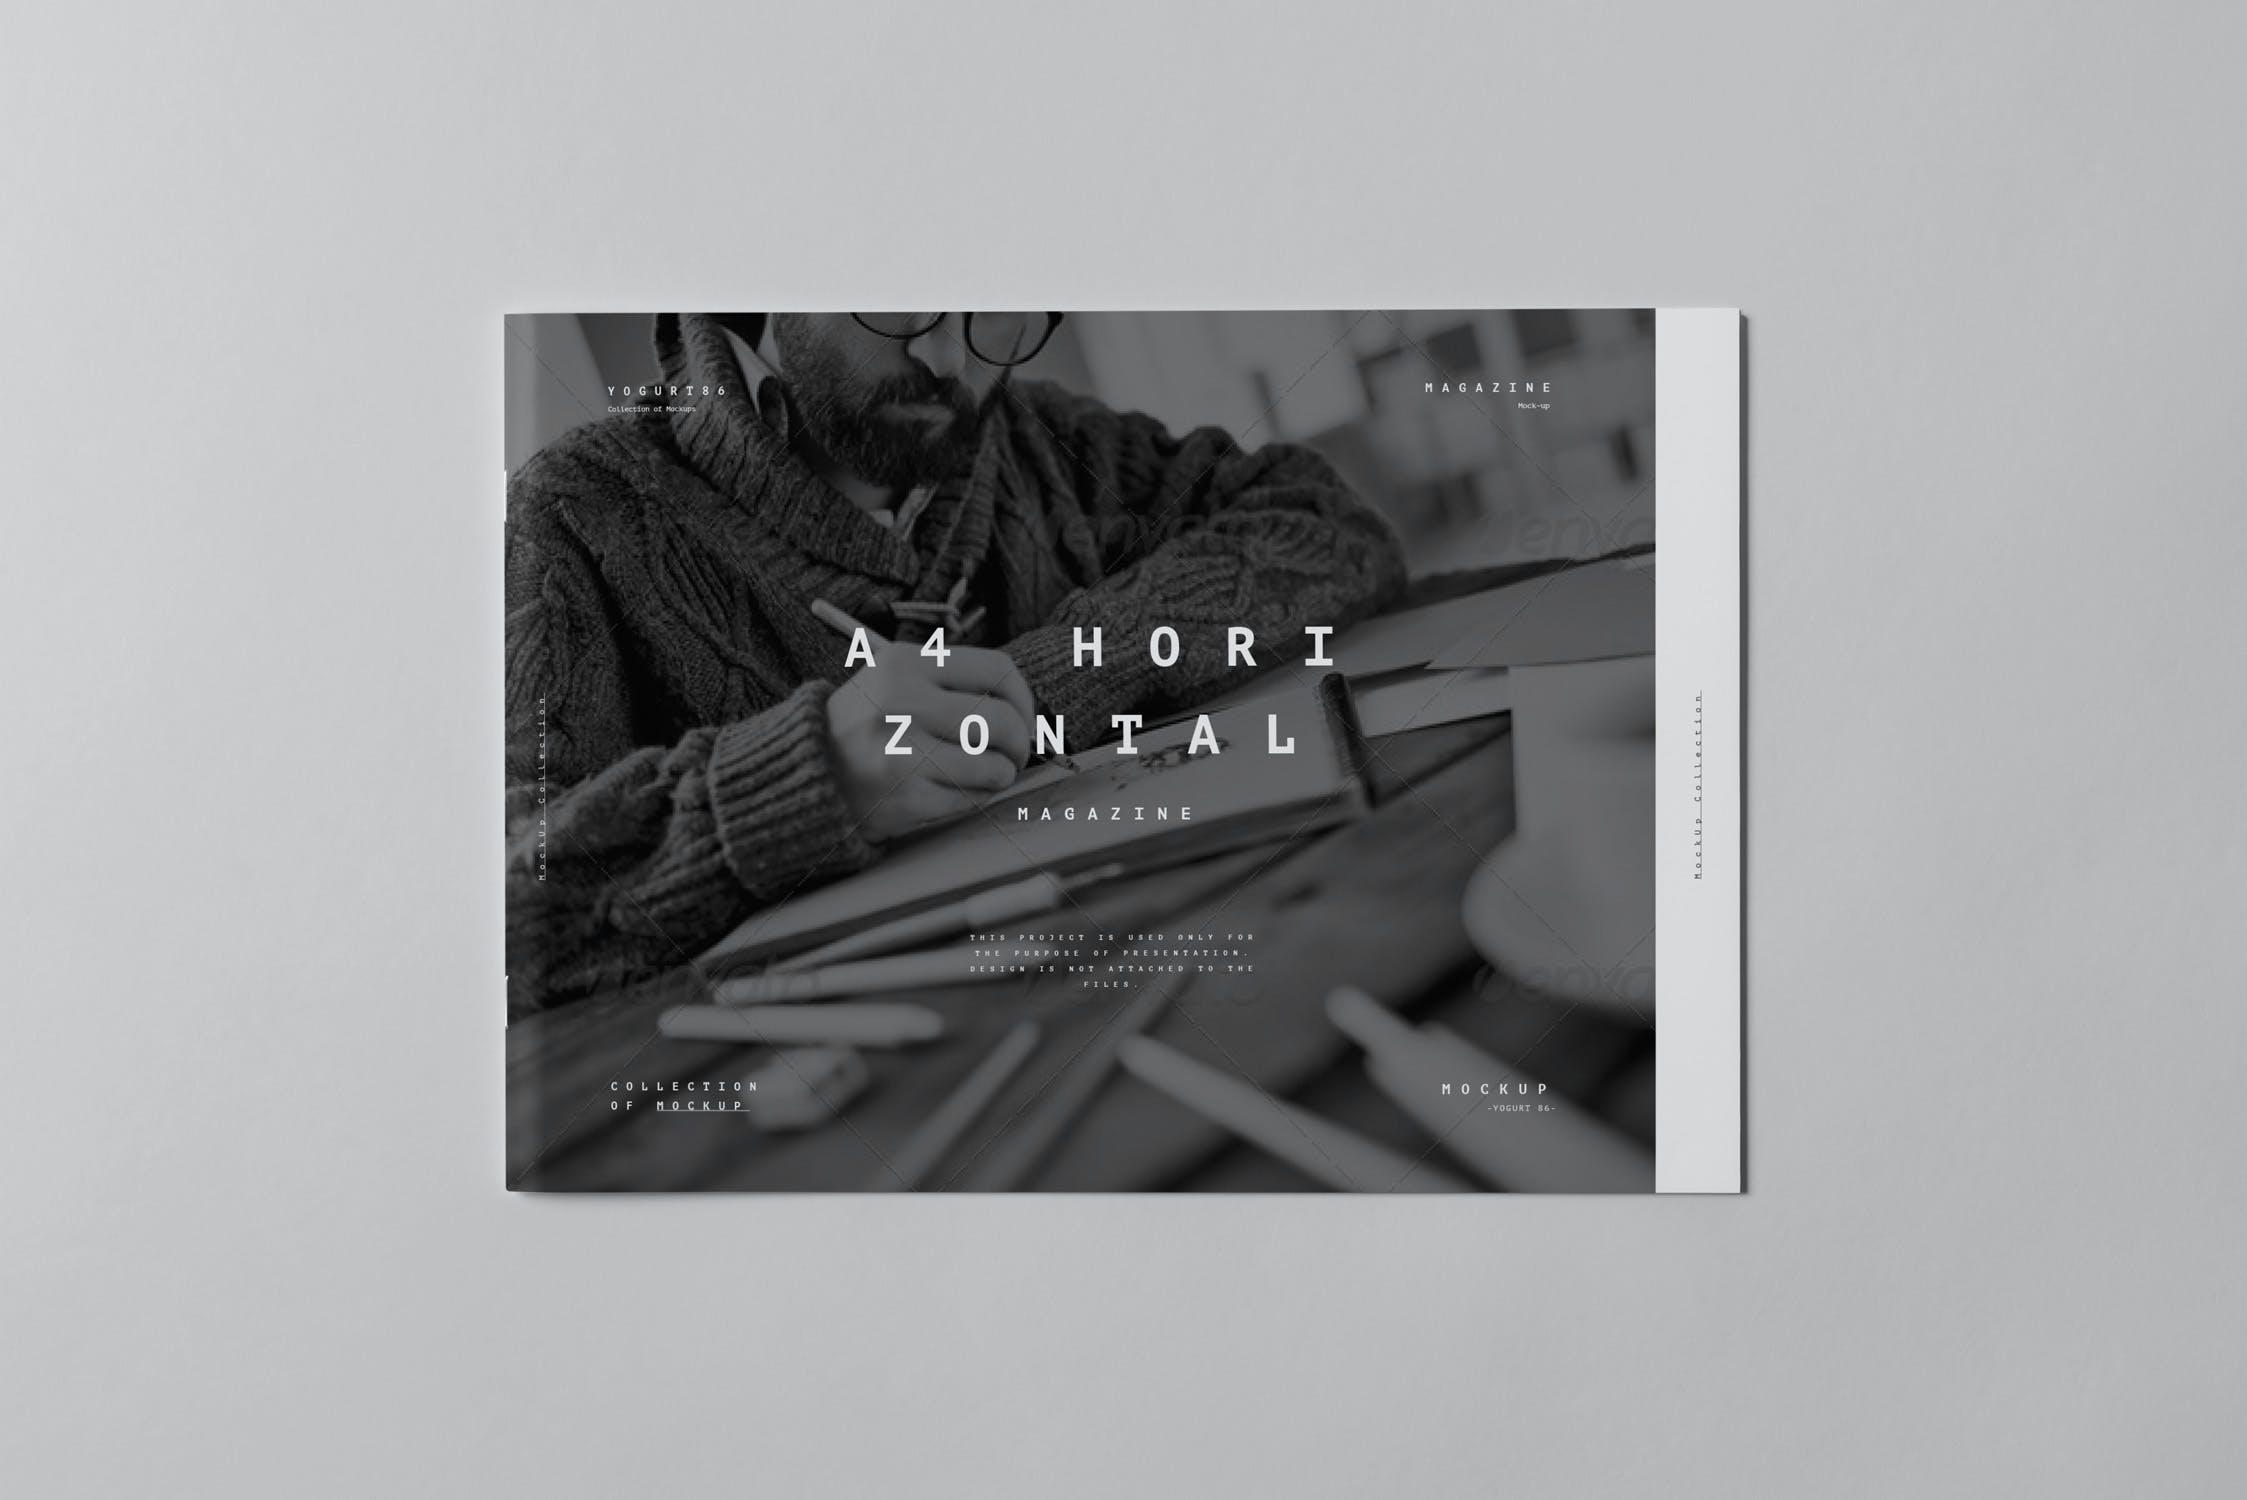 10款横版A4画册杂志设计展示样机模板 A4 Horizontal Brochure Mockup 3插图(6)